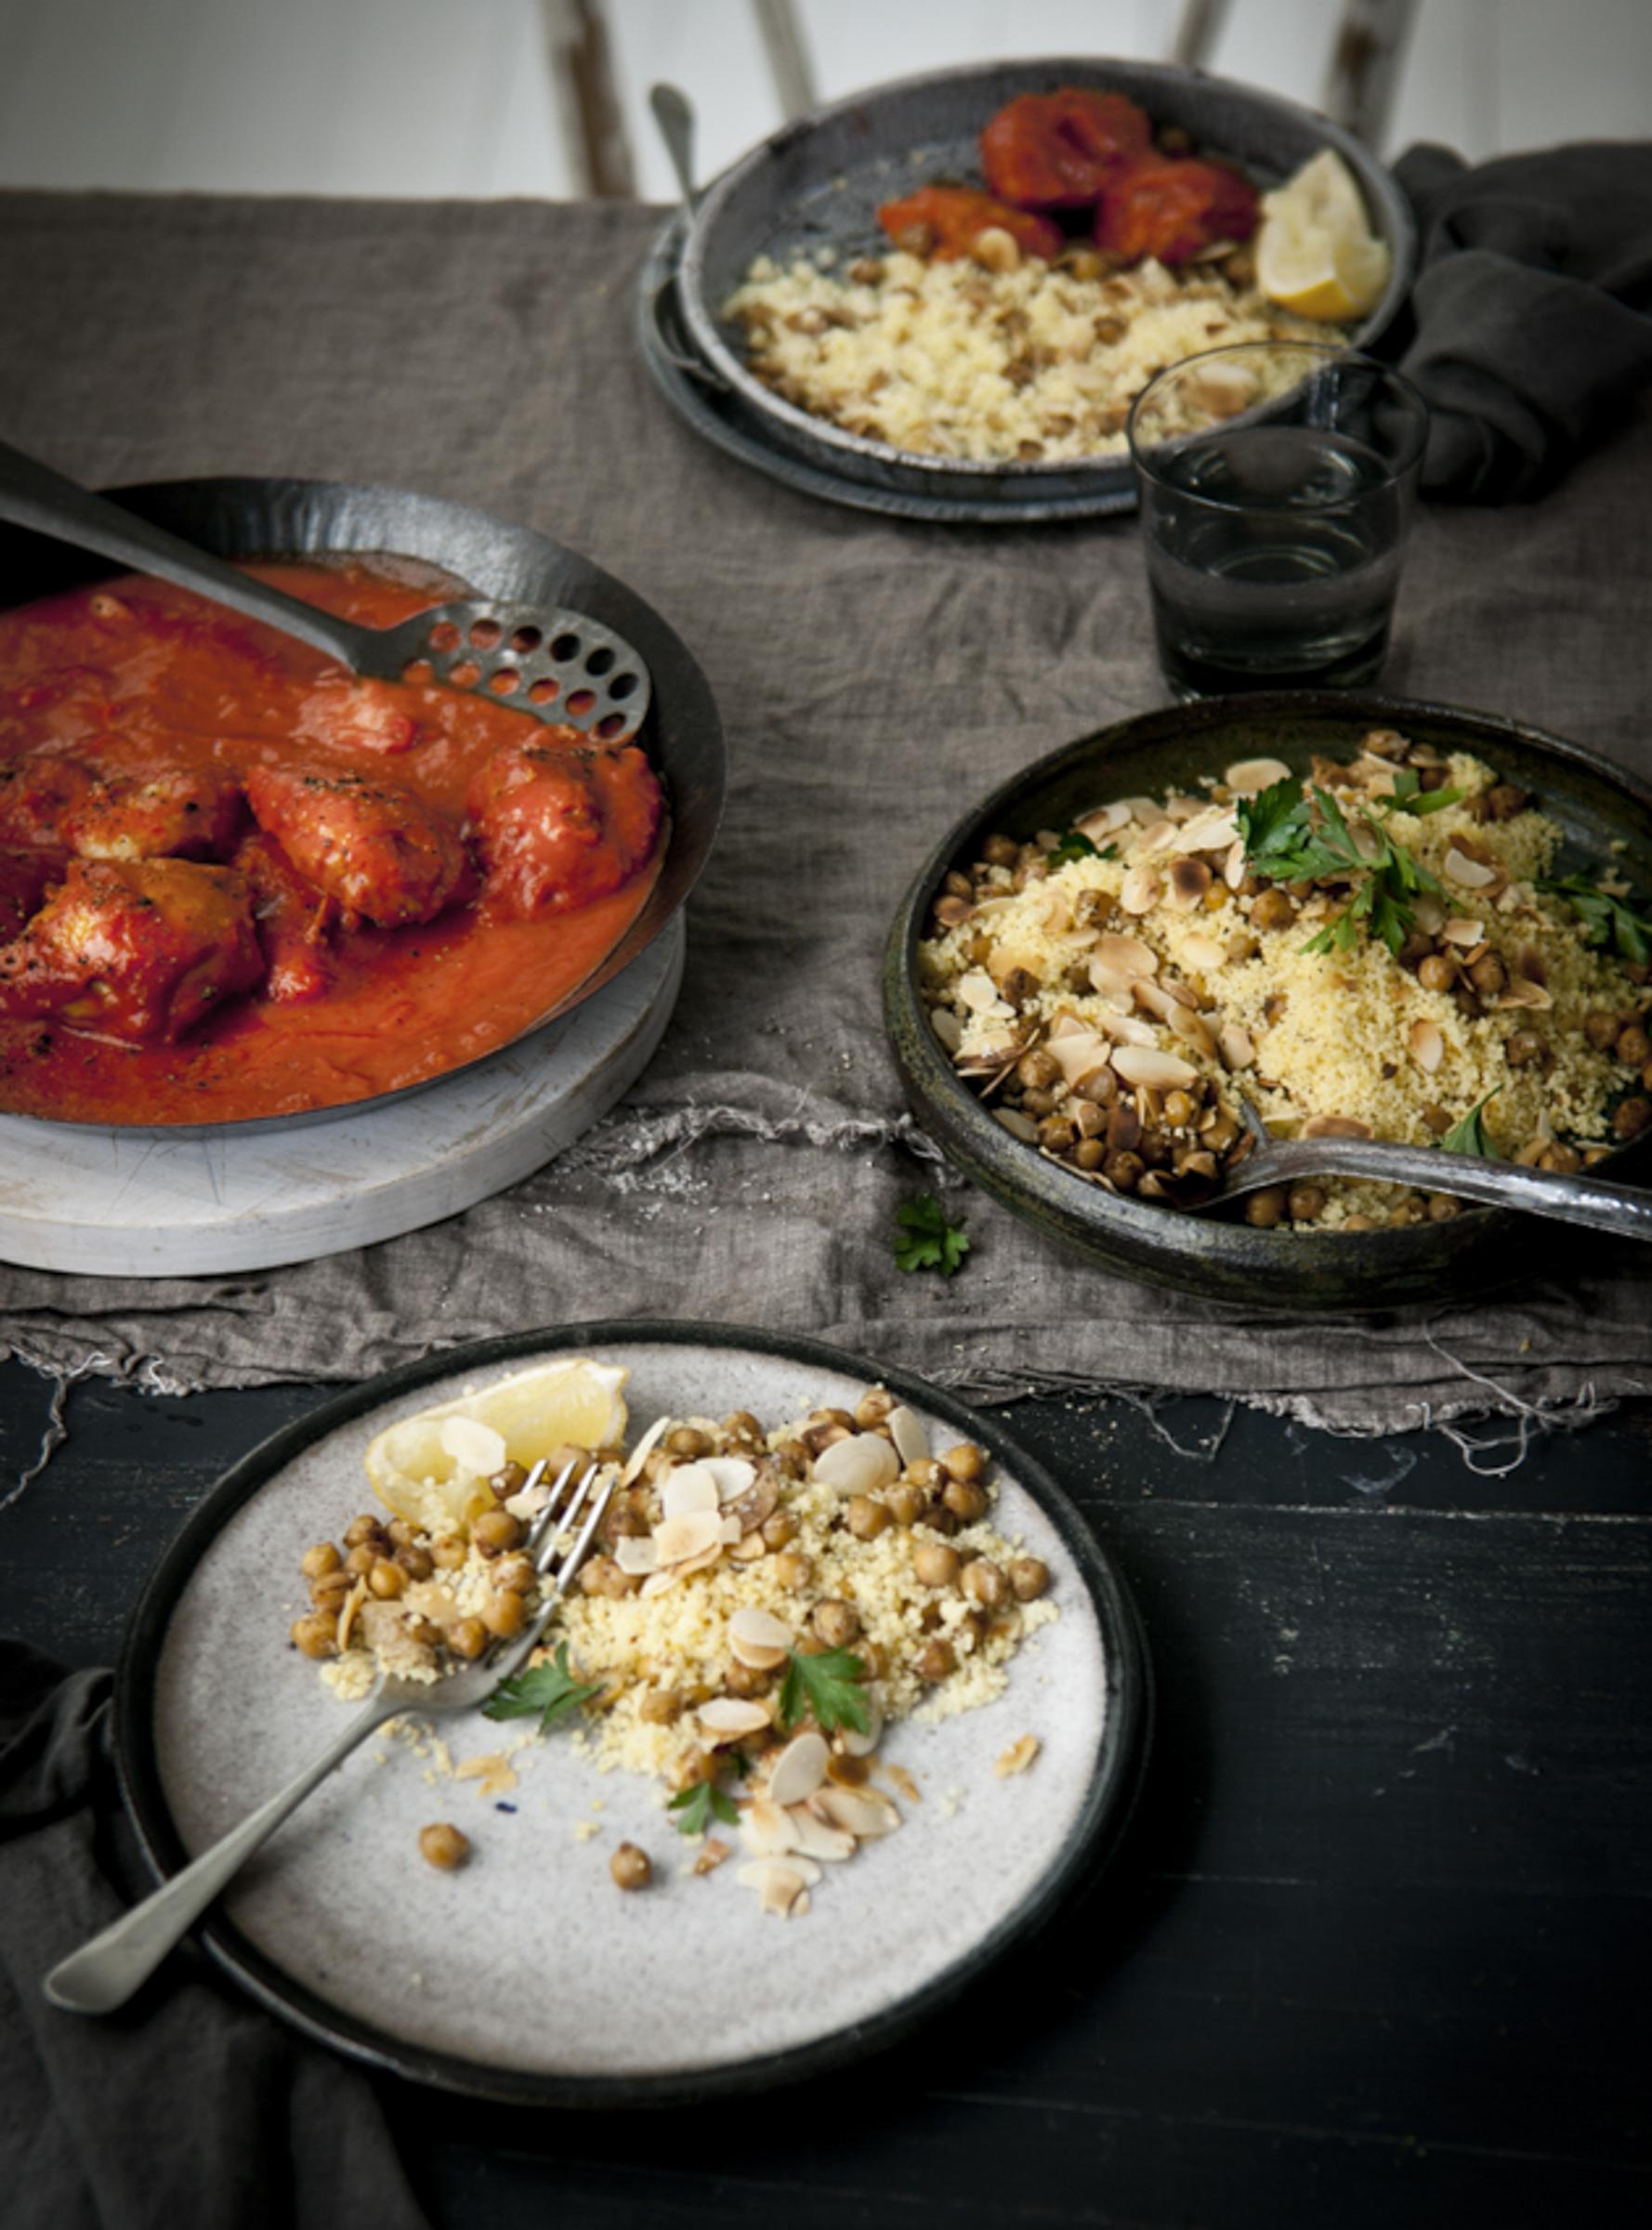 kqd_harissa_chicken_recipe (1 of 1).jpg